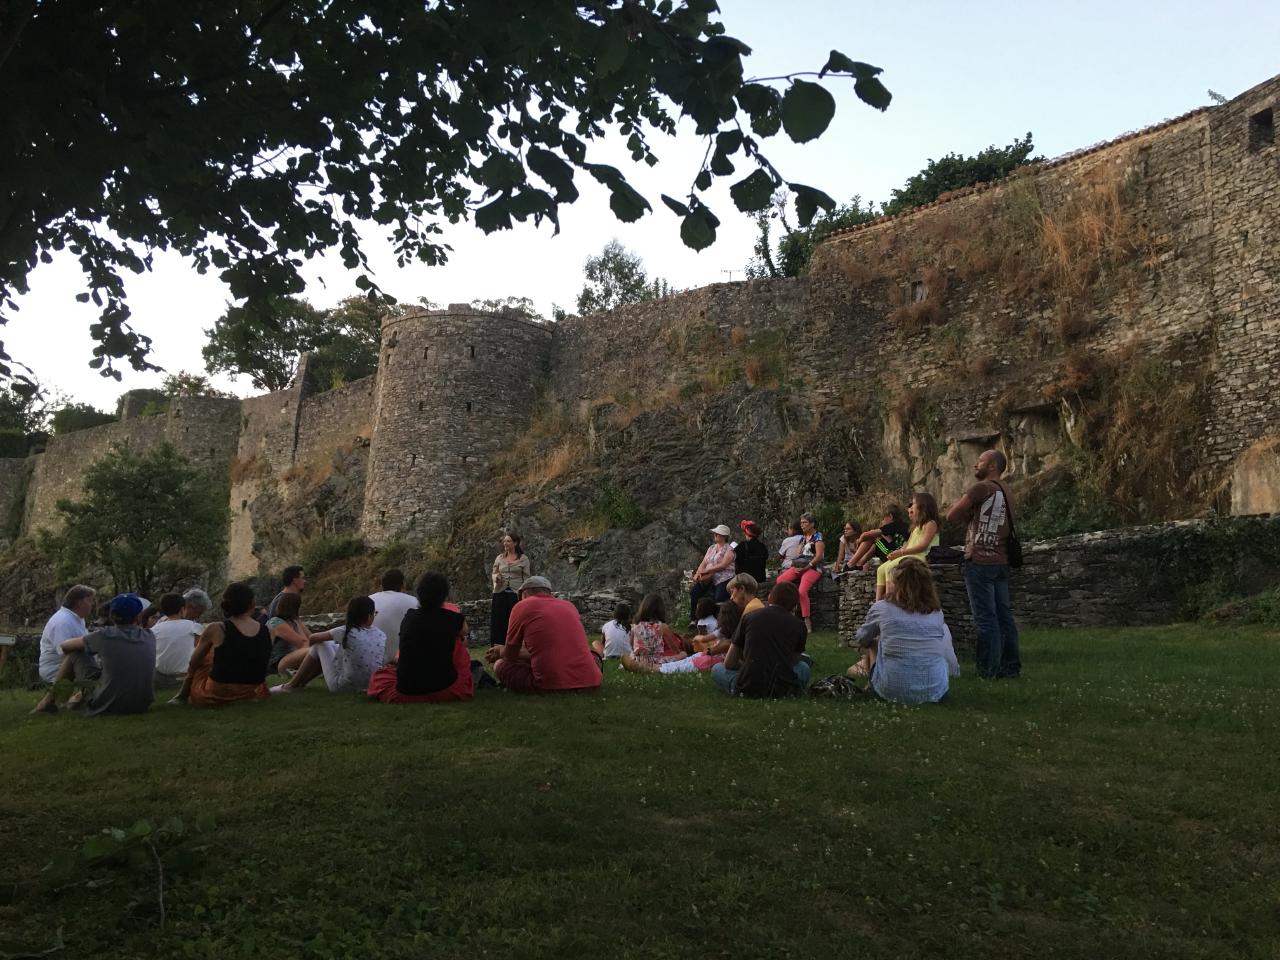 Photo 2: Soirée contée : cité médiévale de Vouvant